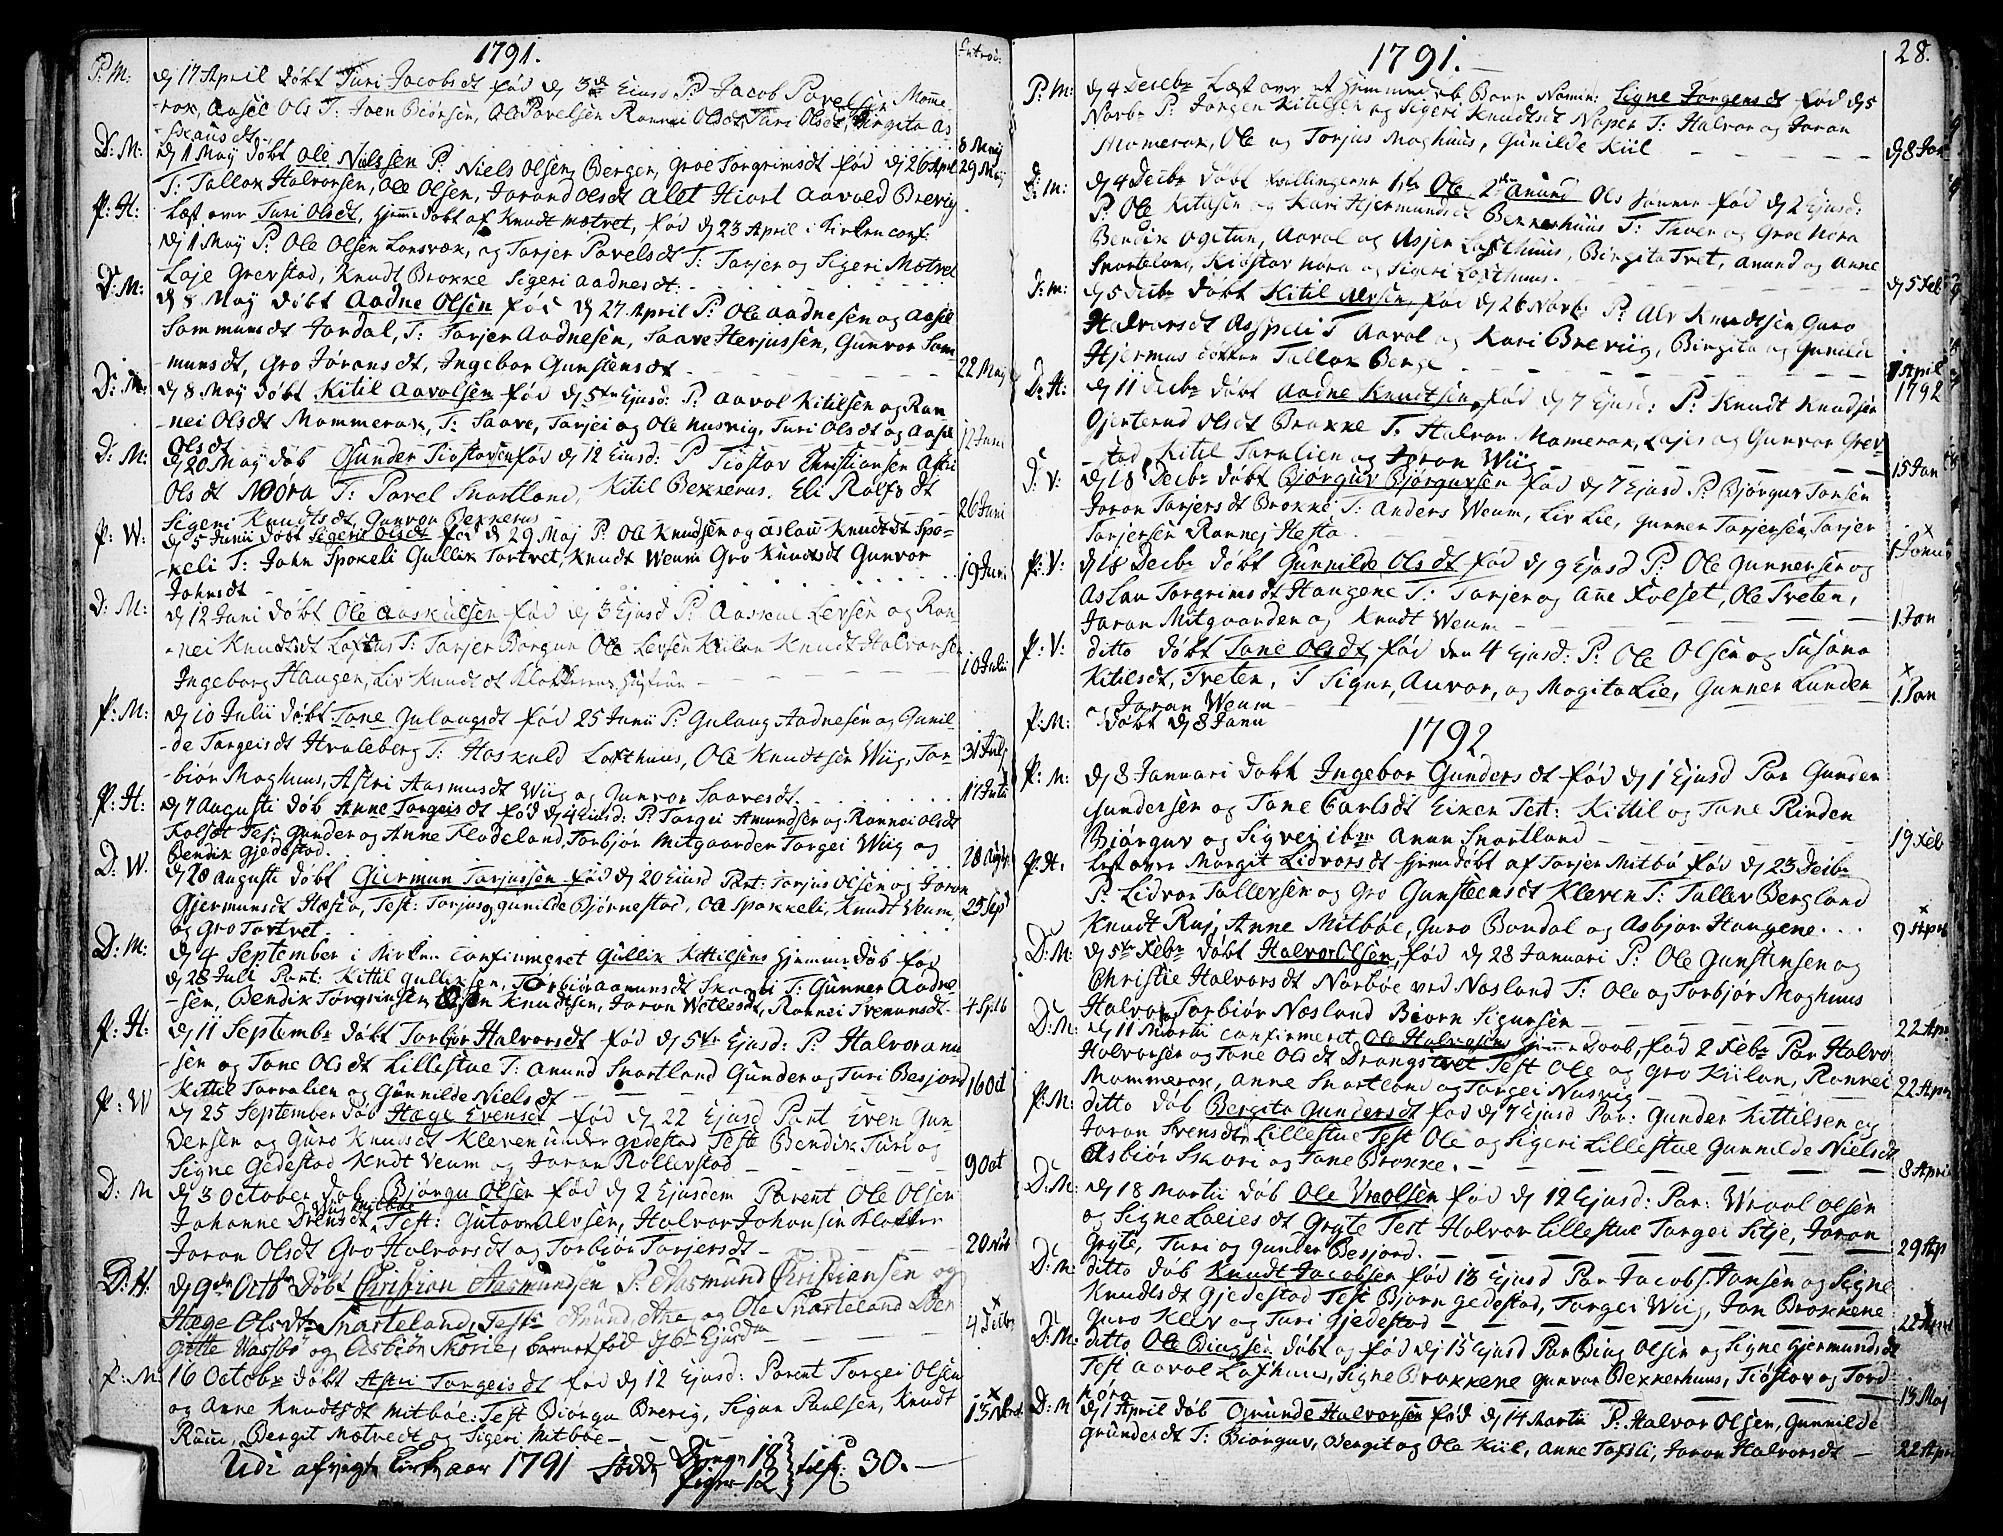 SAKO, Fyresdal kirkebøker, F/Fa/L0002: Ministerialbok nr. I 2, 1769-1814, s. 28